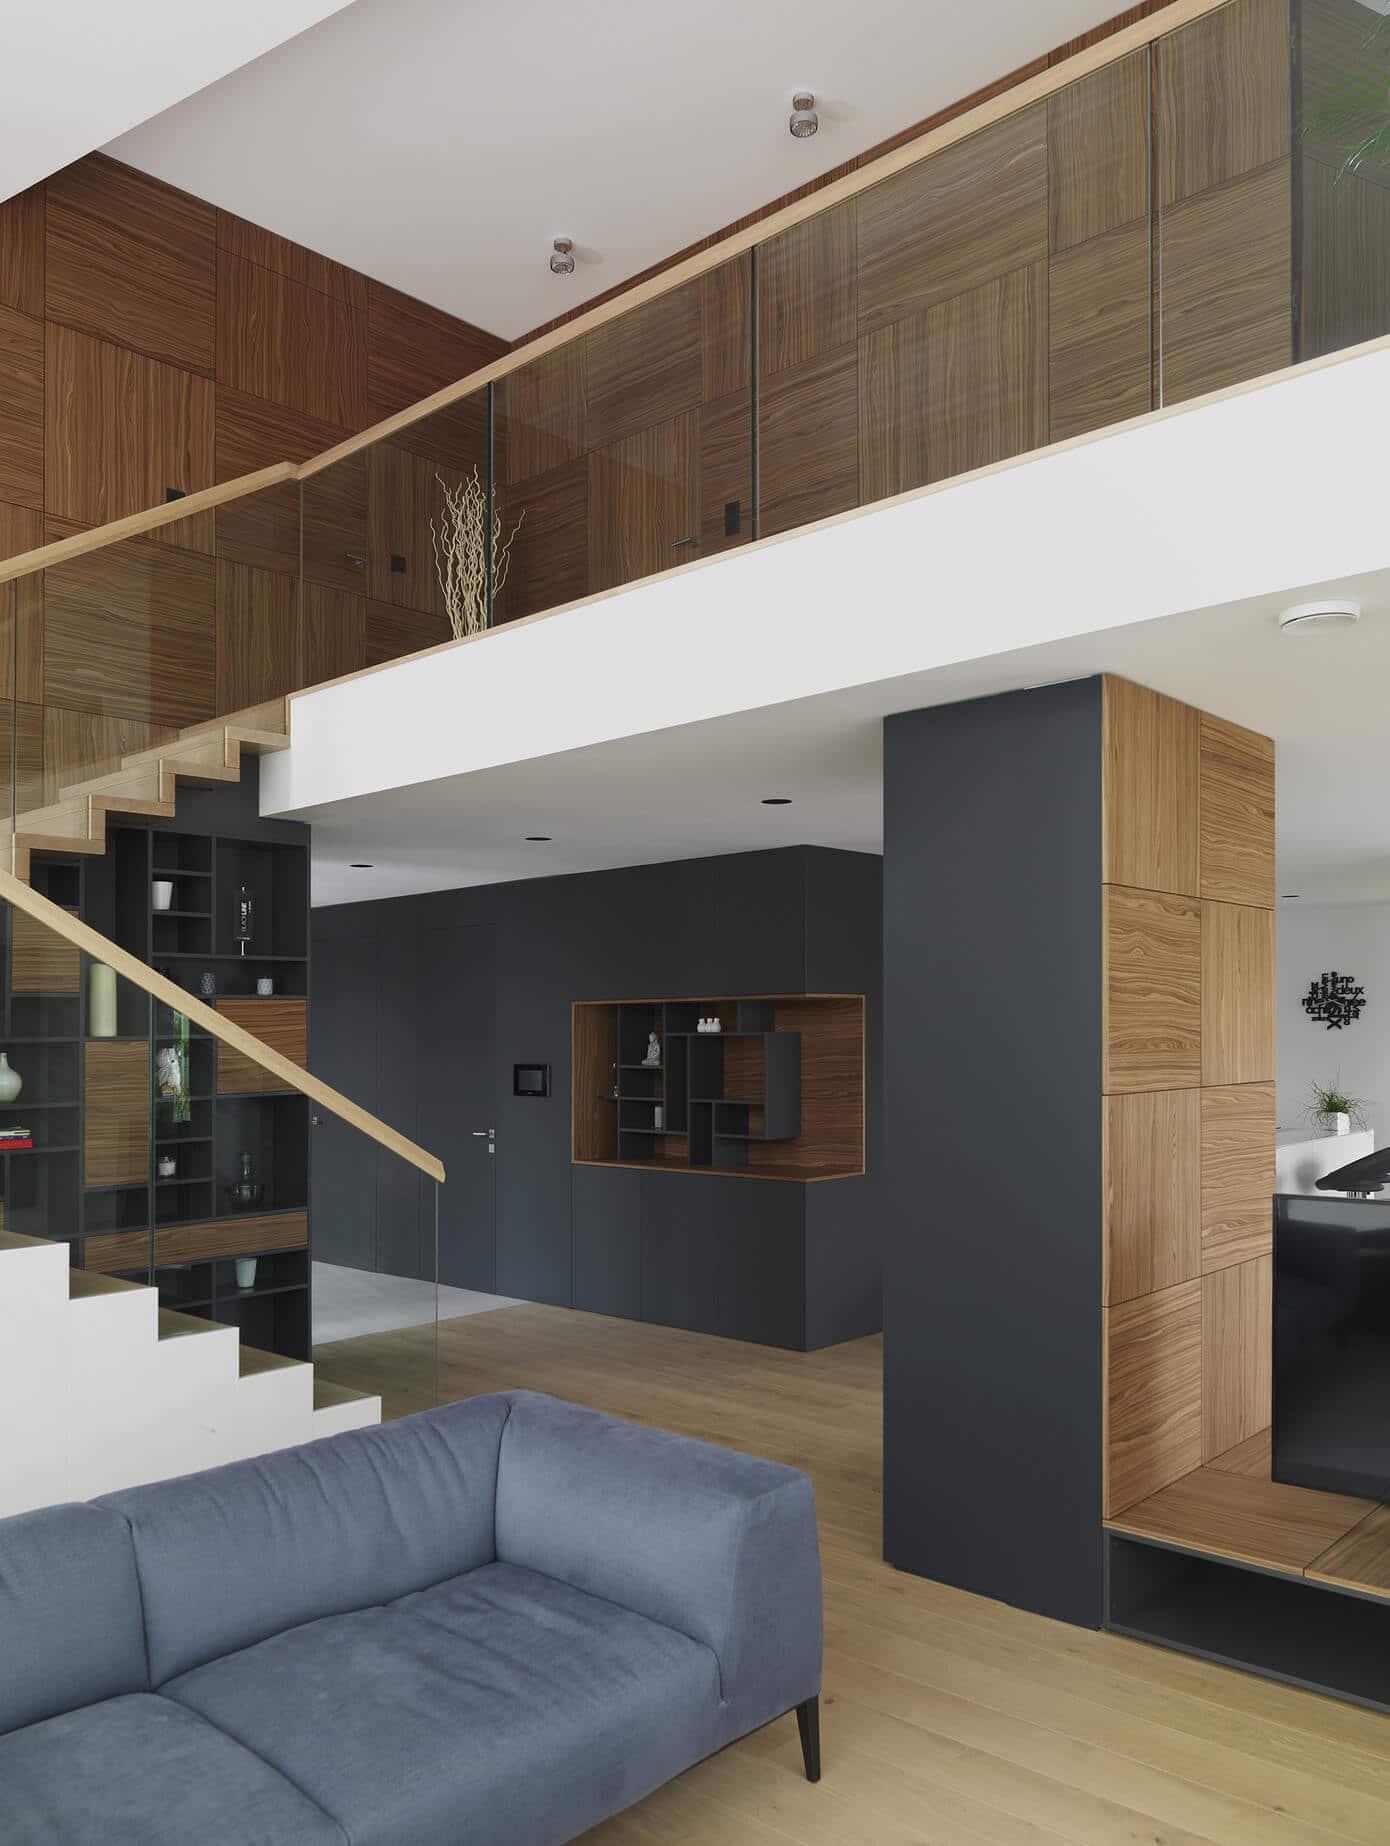 Planos de casa de dos plantas moderna for Interior de la casa de madera moderna